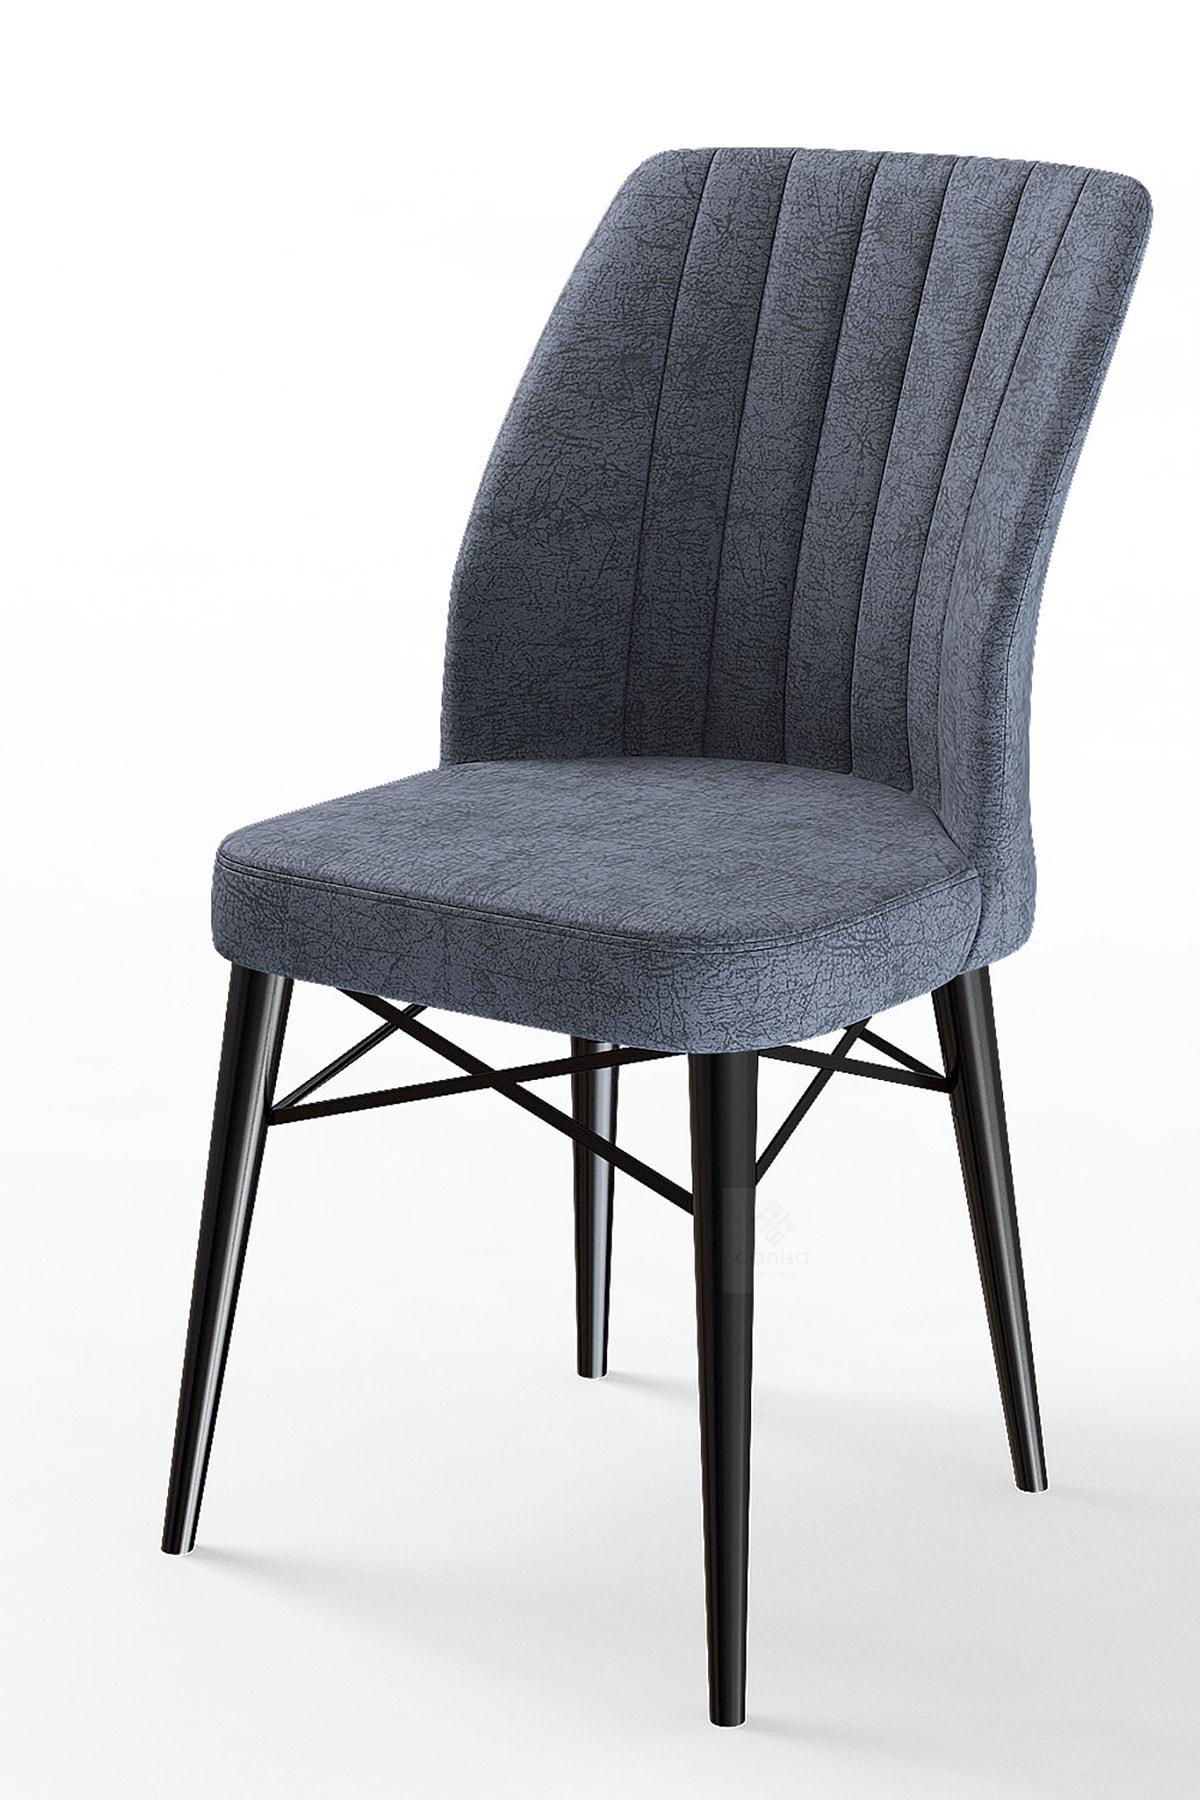 Flex Serisi Füme Renk/gürgen Ayaklı 1.sınıf Sandalye / Siyah Gürgen Ayaklı